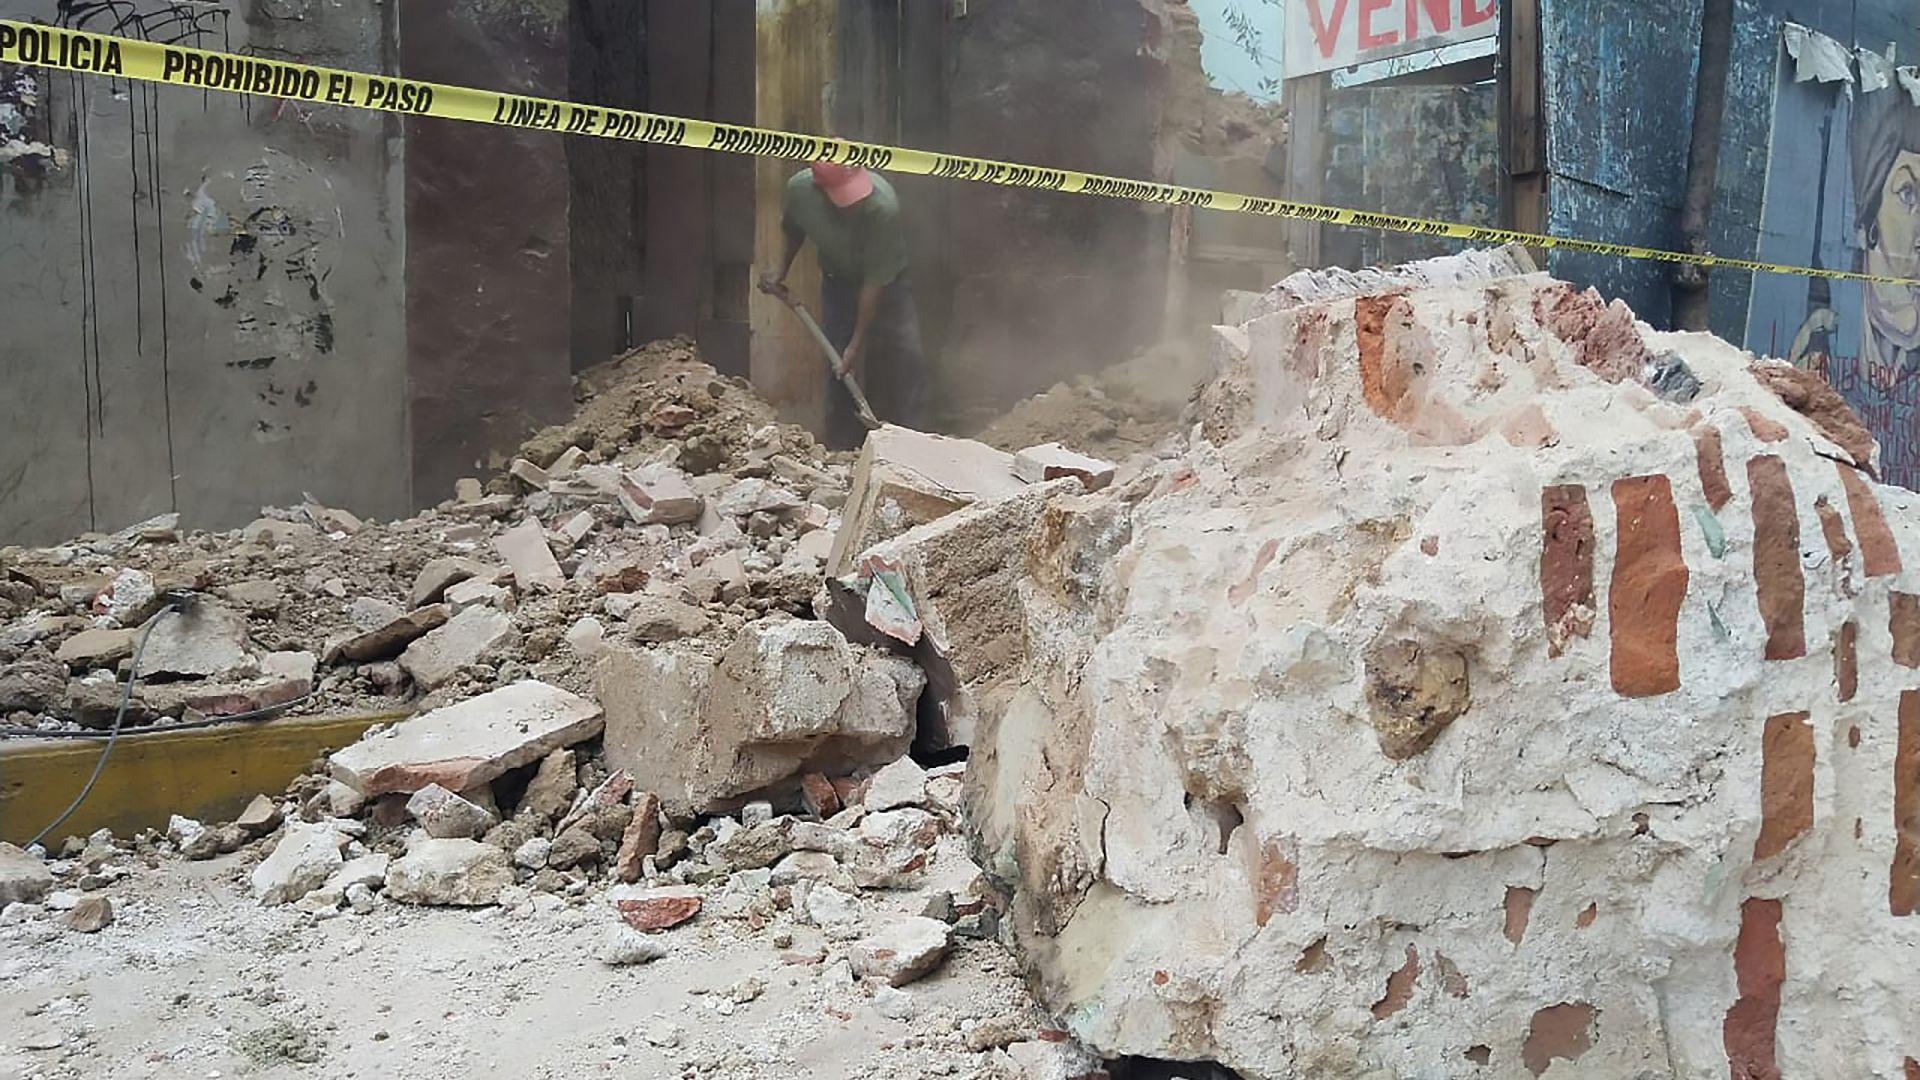 Поне 5-ма загинали при силния трус в Мексико. Посланикът ни: Сирена предотврати много жертви (снимки, видео)